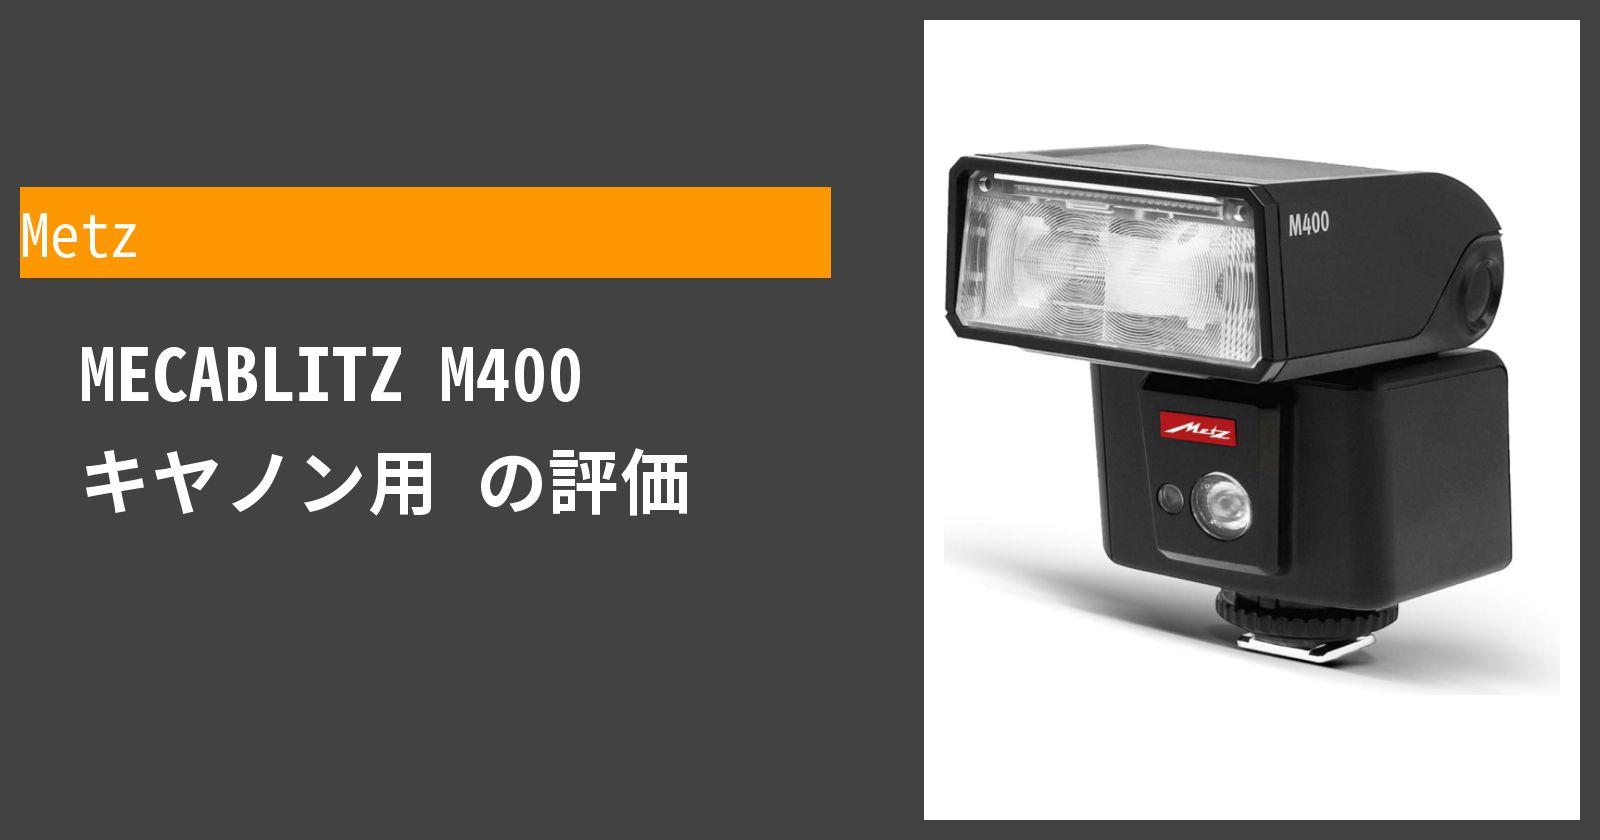 MECABLITZ M400 キヤノン用を徹底評価